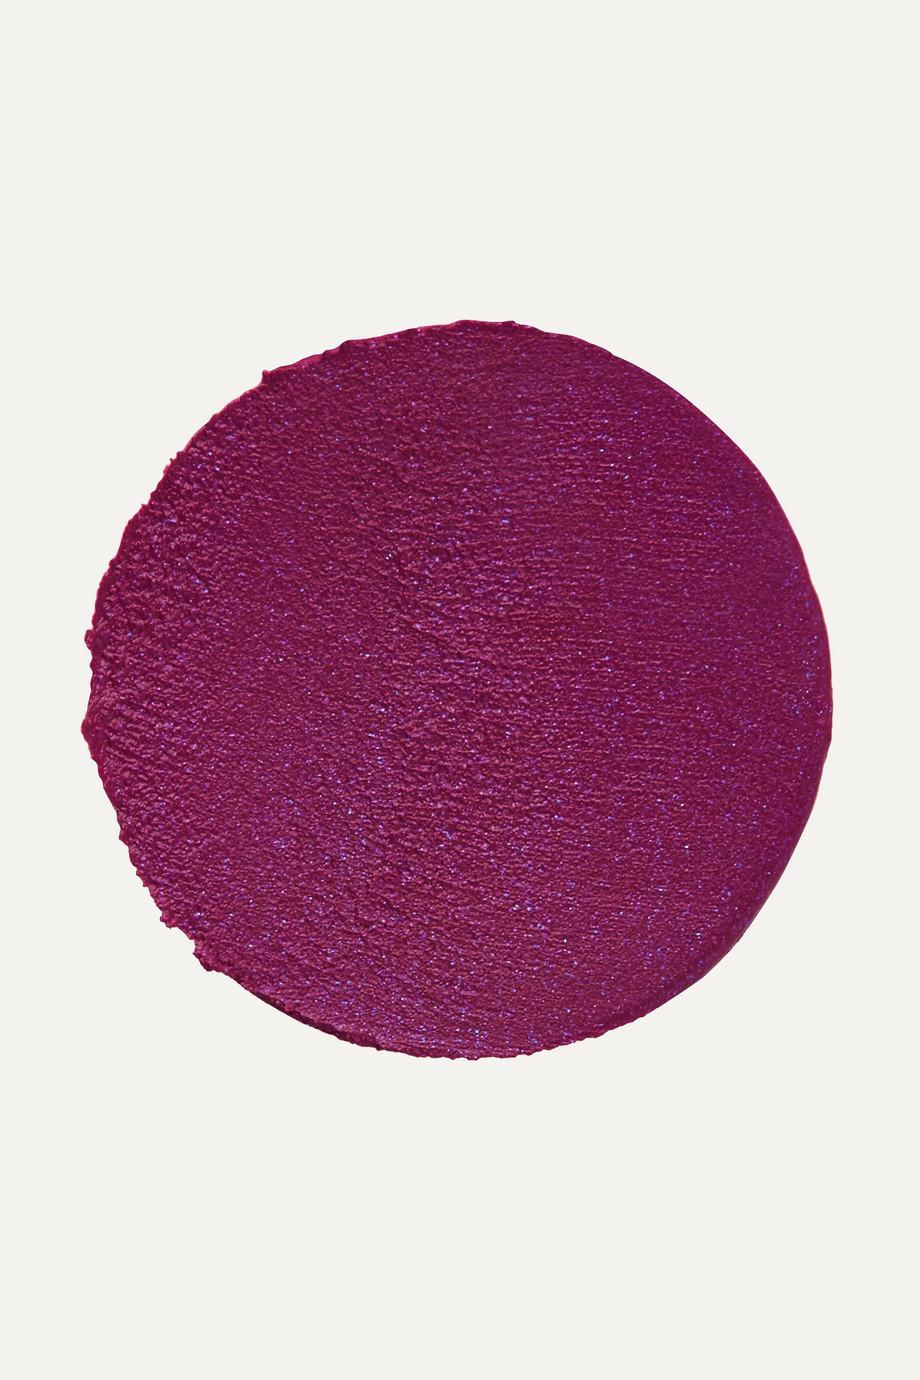 Serge Lutens Lipstick  – 360 Volts 15 – Lippenstift